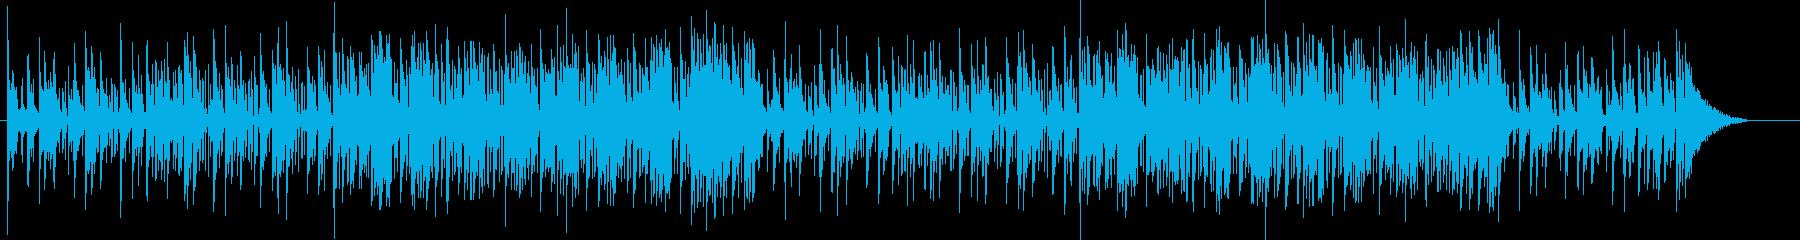 ライトな感じのエレクトロ・ドラムンベースの再生済みの波形